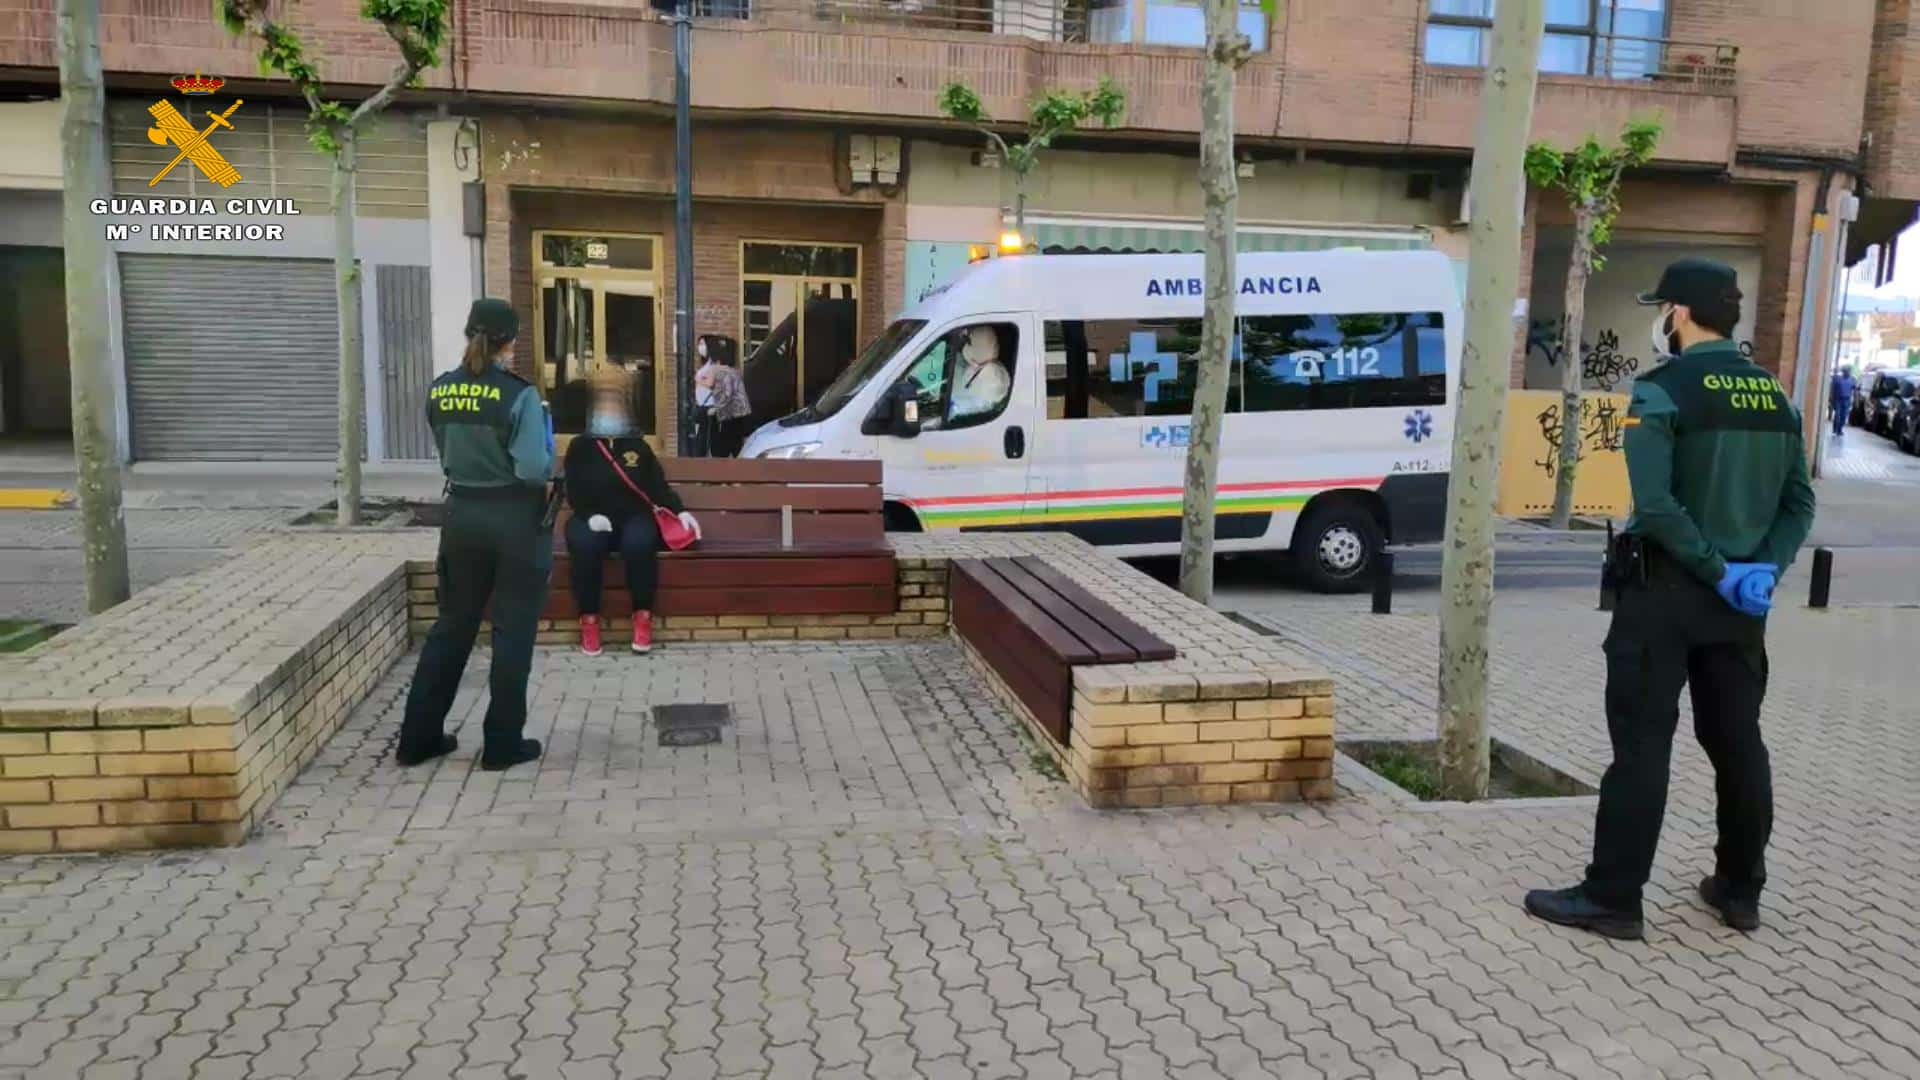 Una mujer con síntomas de coronavirus se fuga de un centro de salud en La Rioja 3